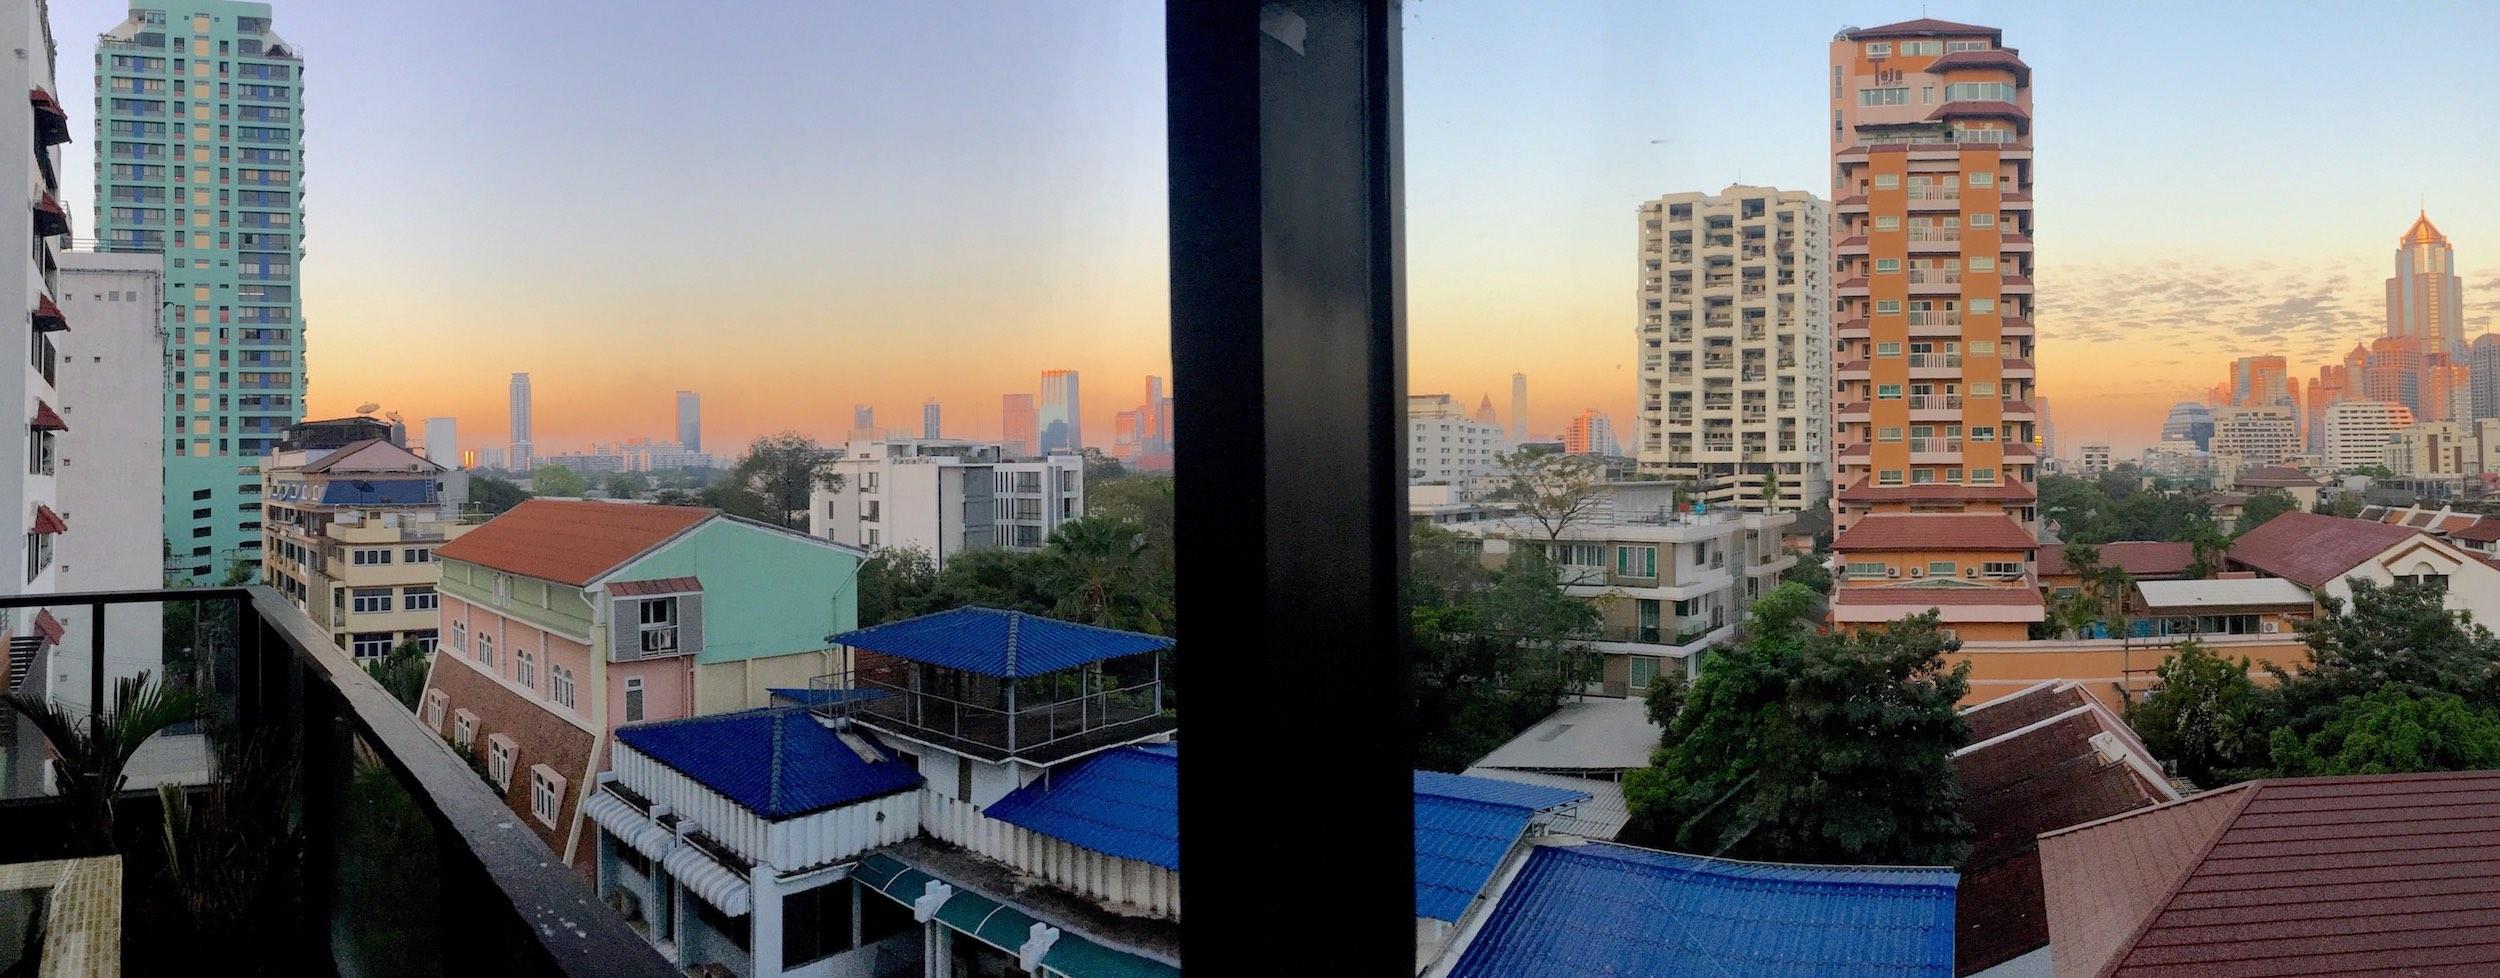 There Today | Bangkok, Thailand